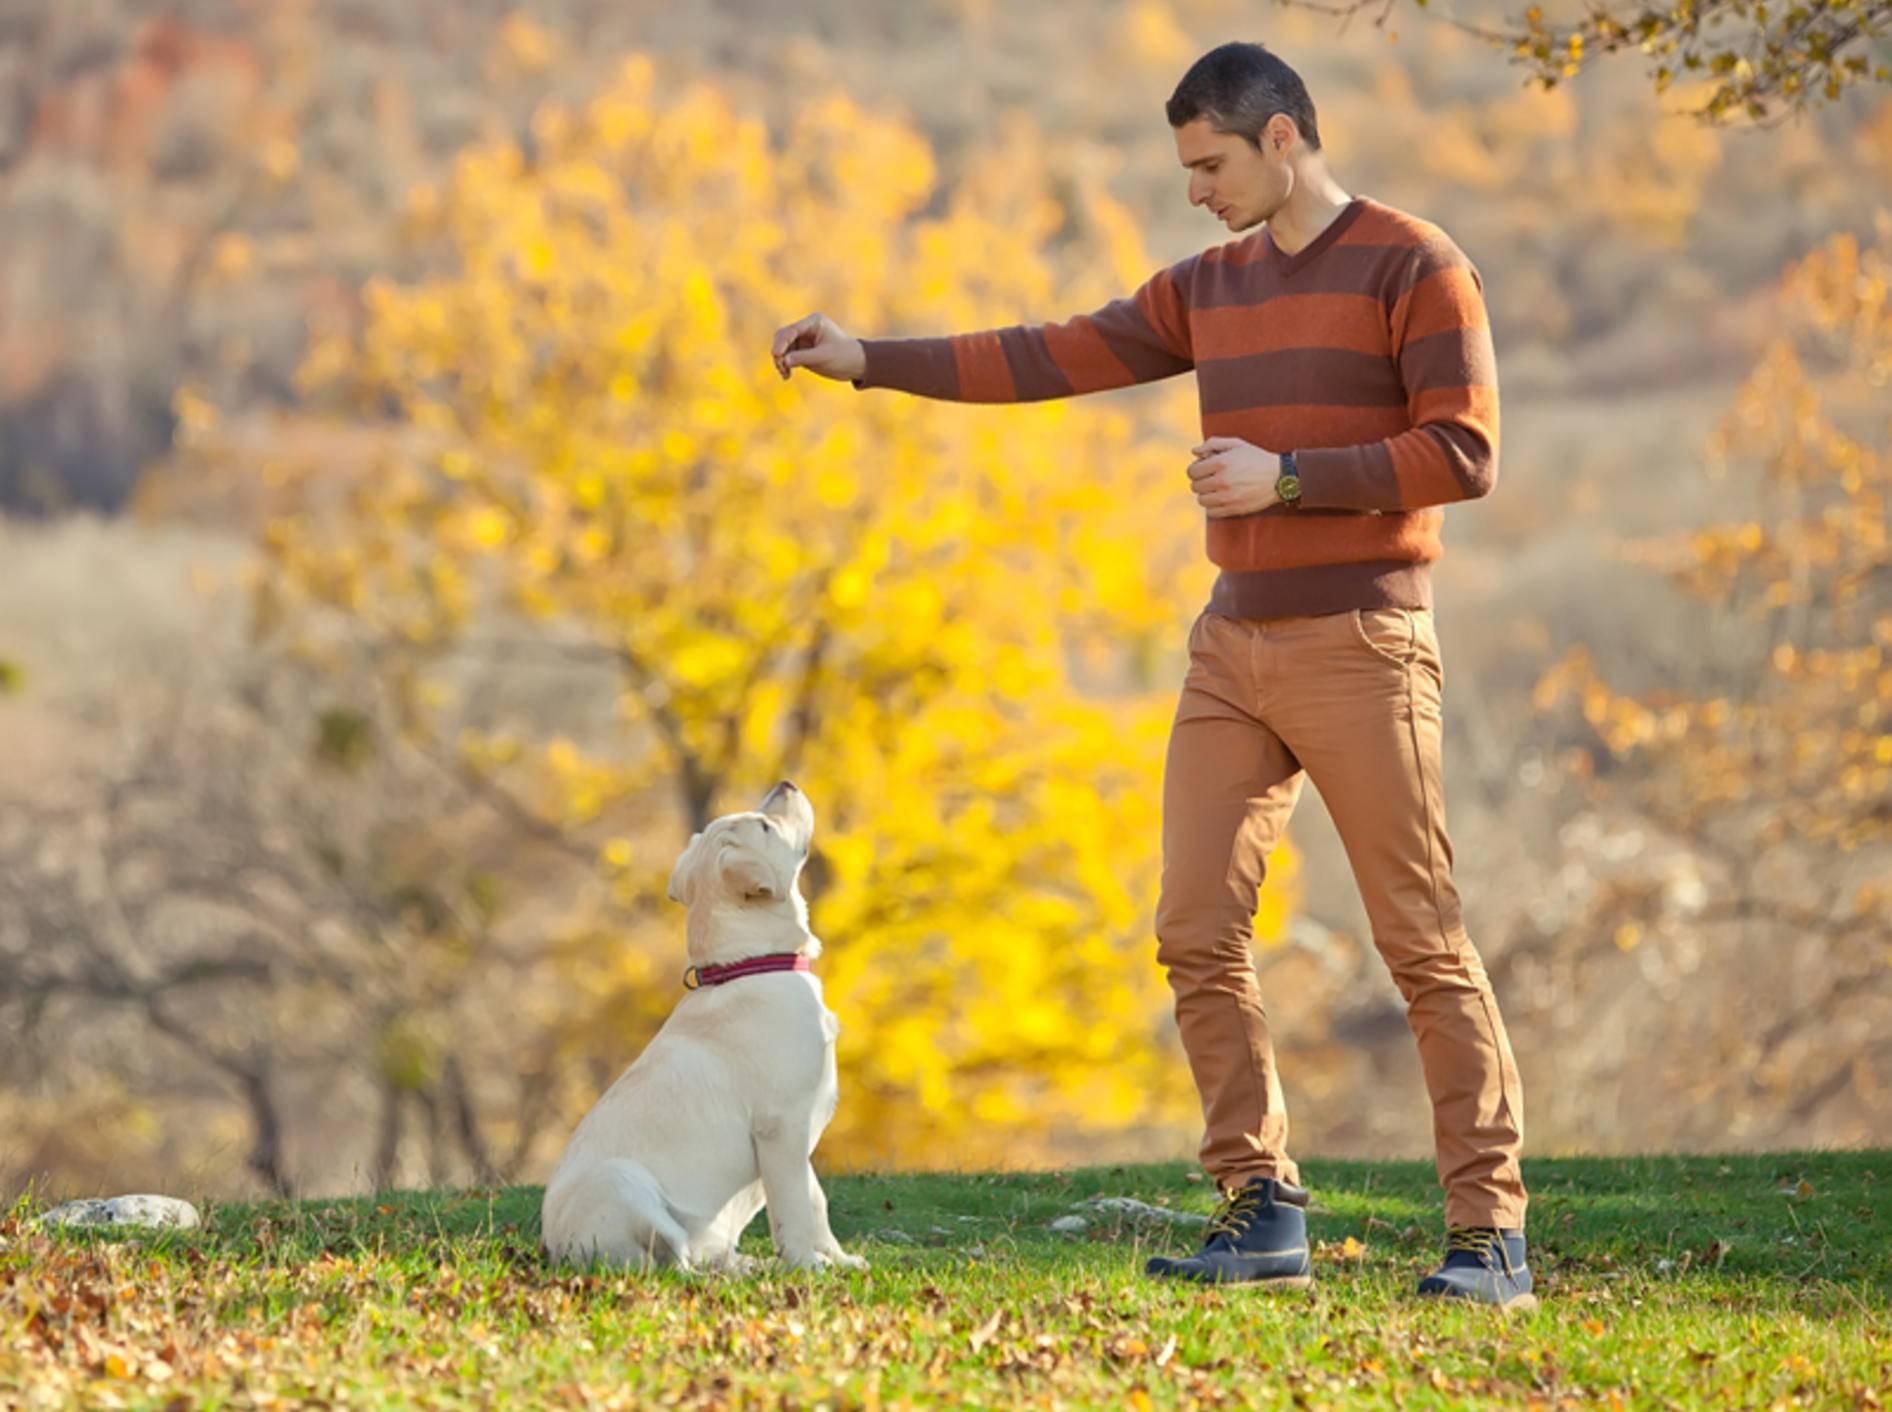 Rituale zwischen Mensch und Hund schaffen Vertrauen und Sicherheit – Shutterstock / Nina Buday